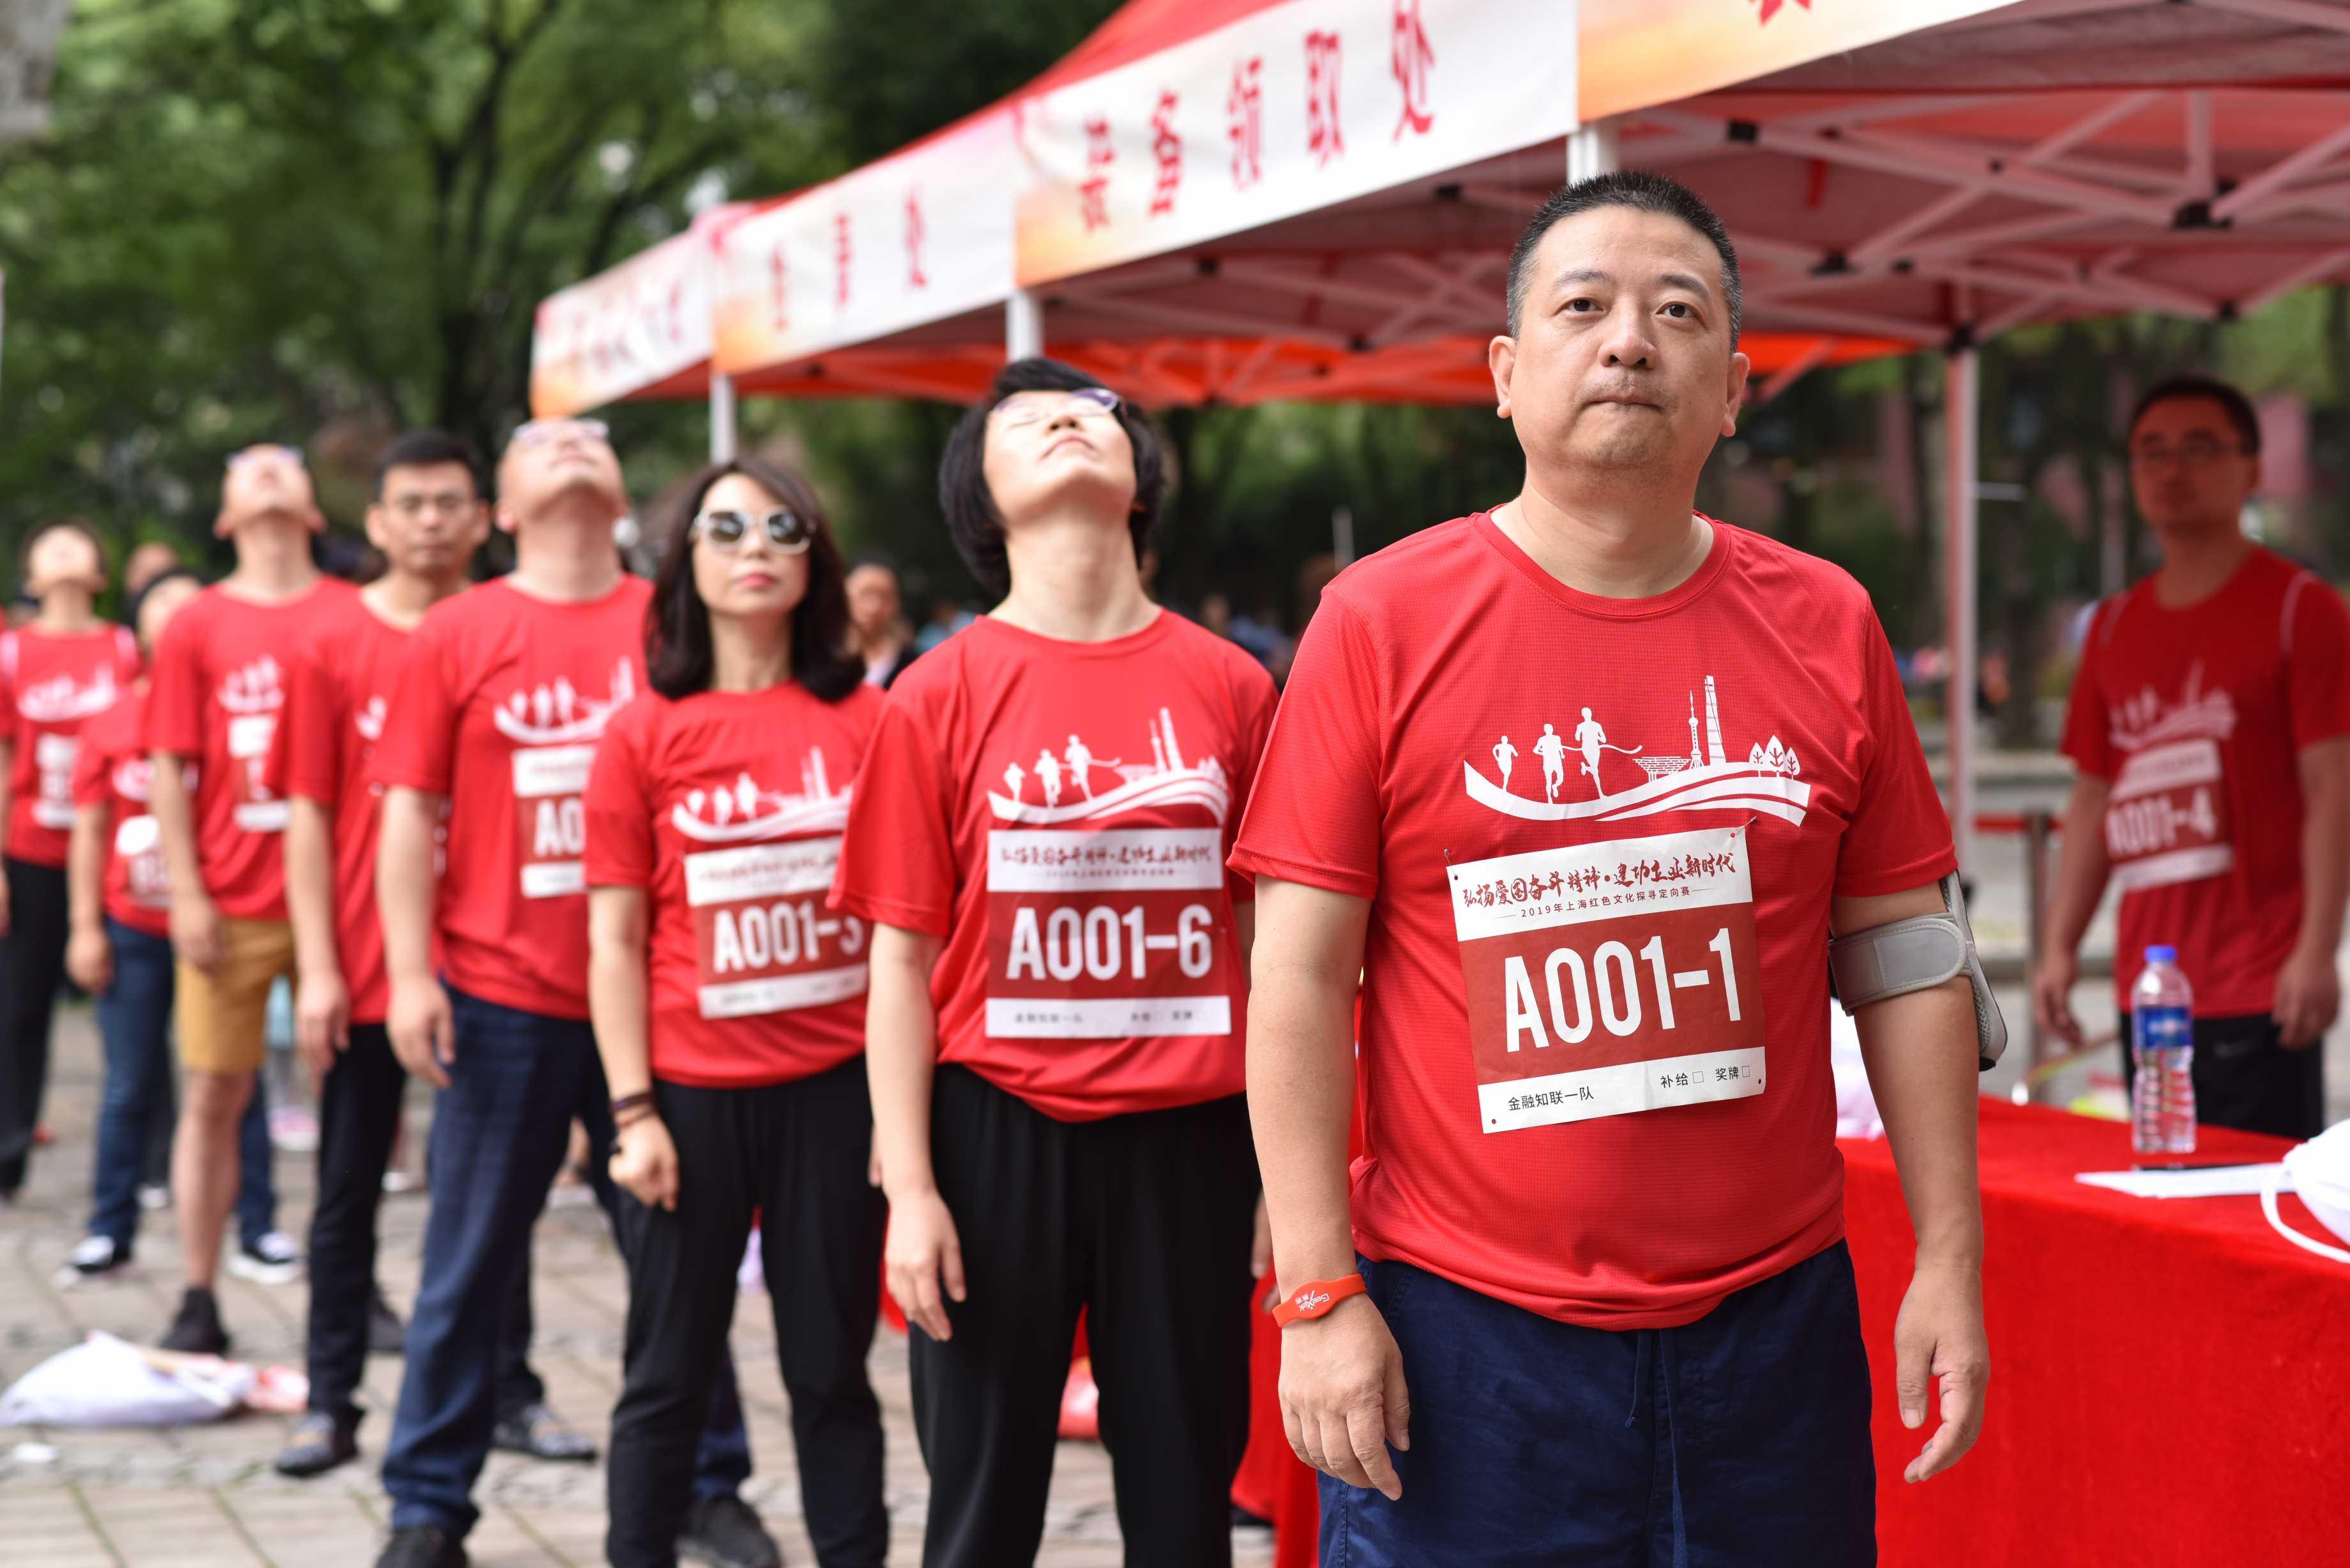 上海金融党想要再深入委定向赛-DSC_0670